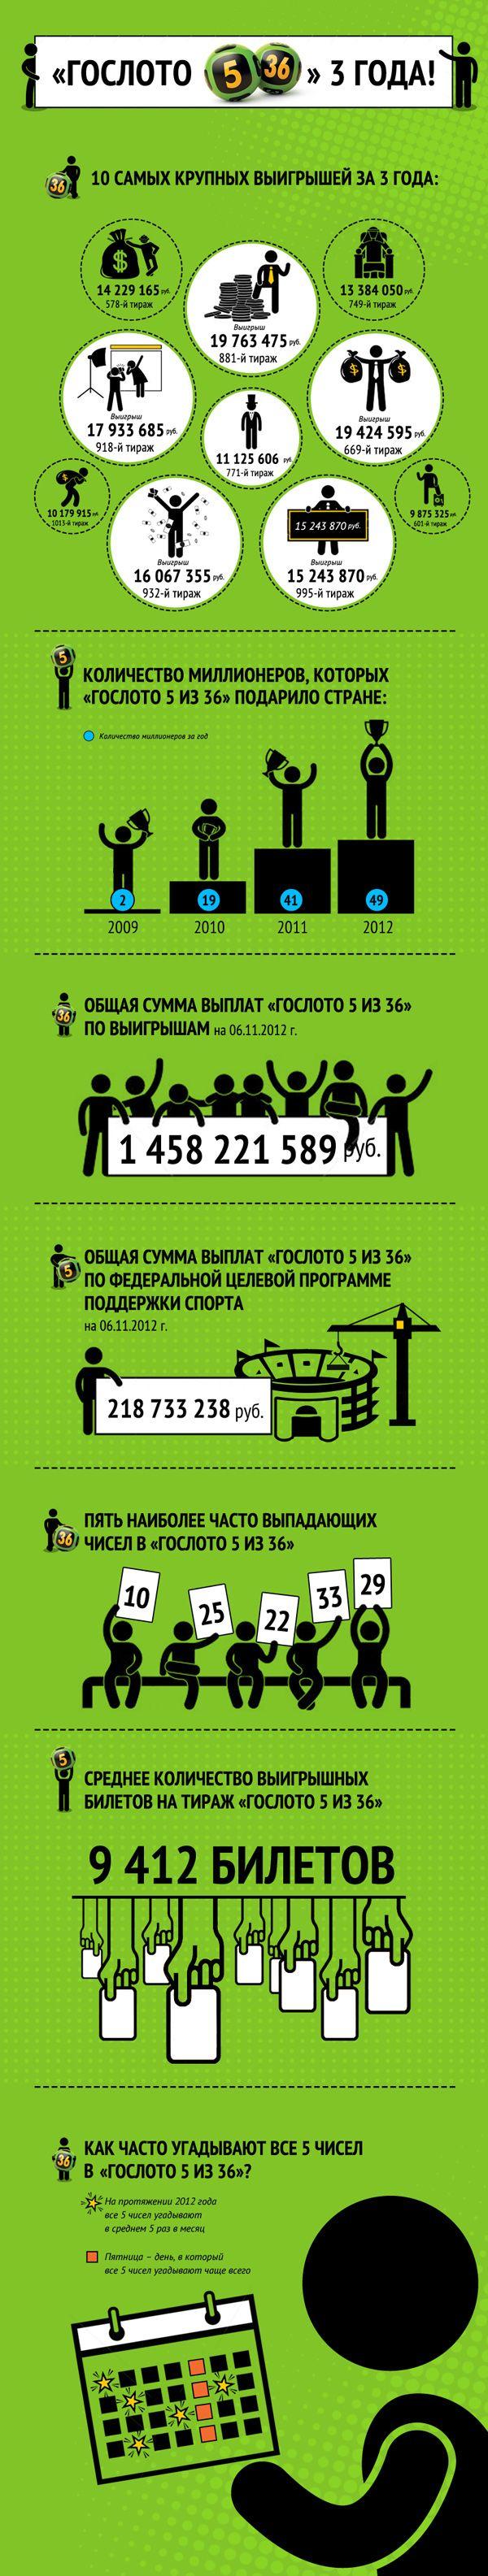 Инфографика: О лотерейных миллионерах